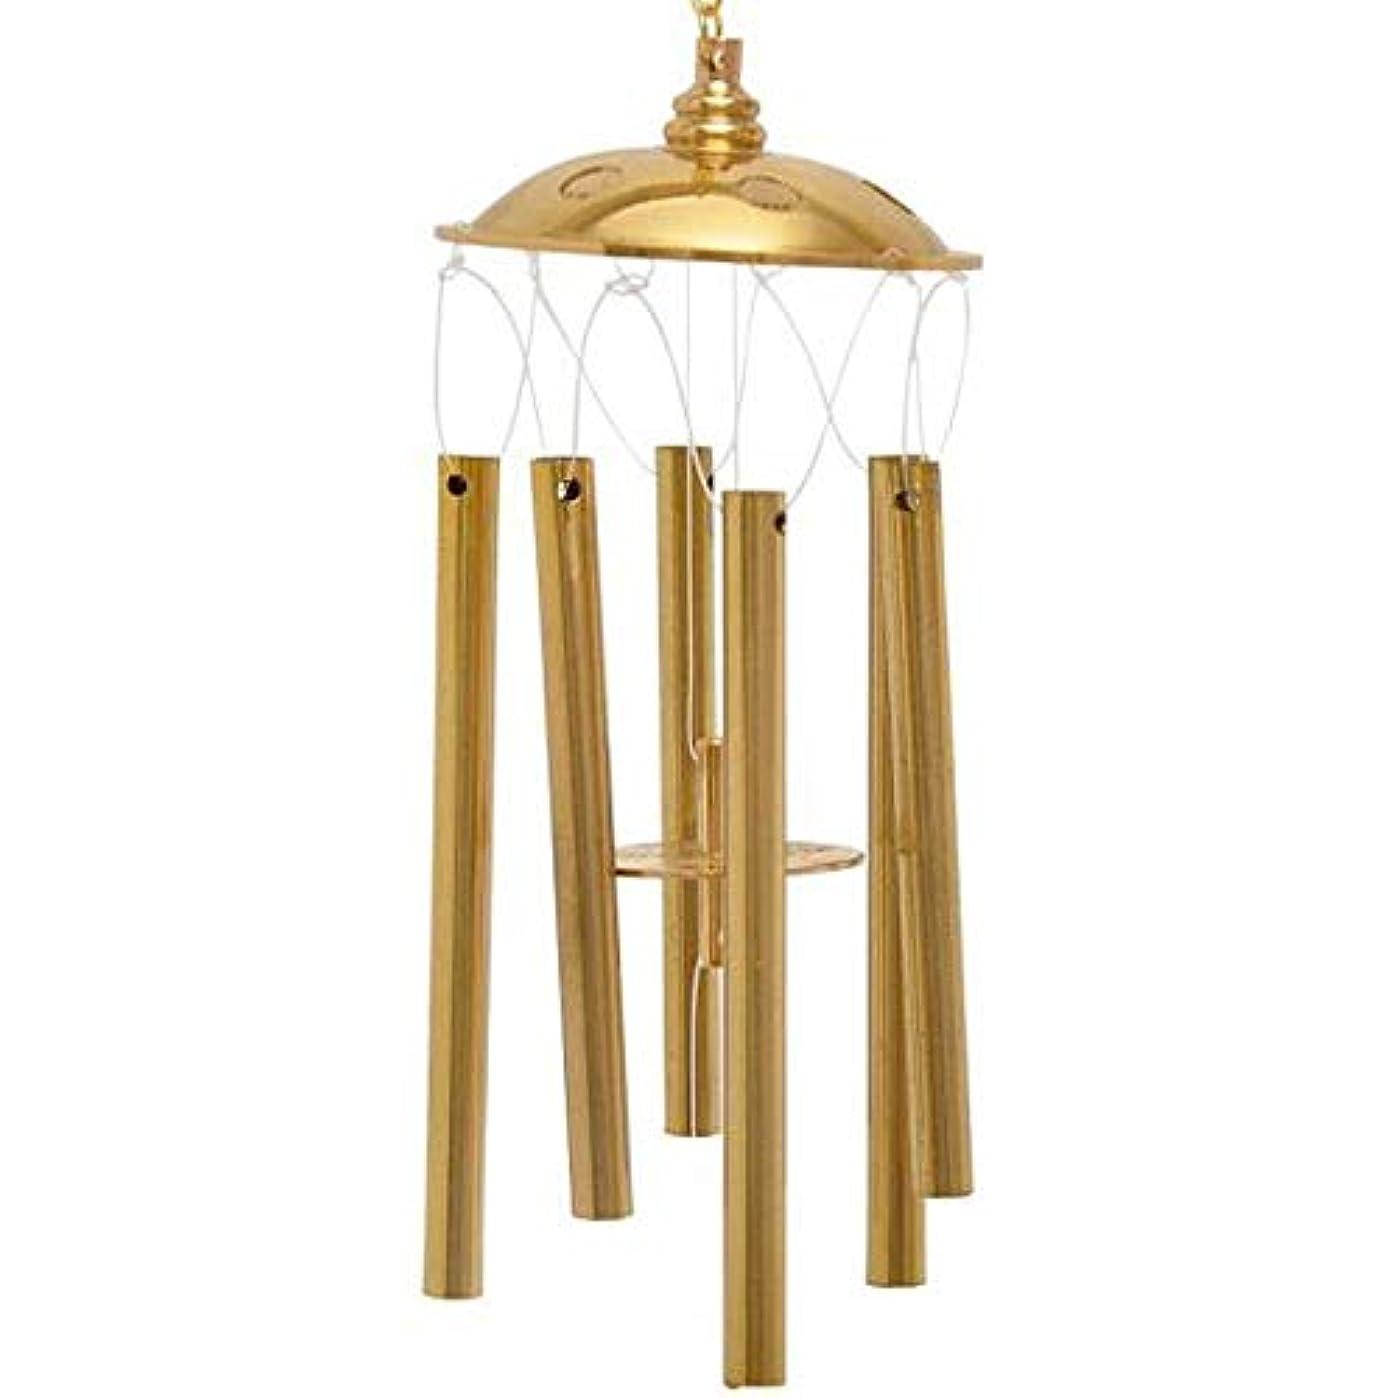 項目プレゼンテーション受粉するAishanghuayi 風チャイム、真鍮ホームデコレーション6チューブ風の鐘、ゴールド、全長約22CM,ファッションオーナメント (Size : 22cm)